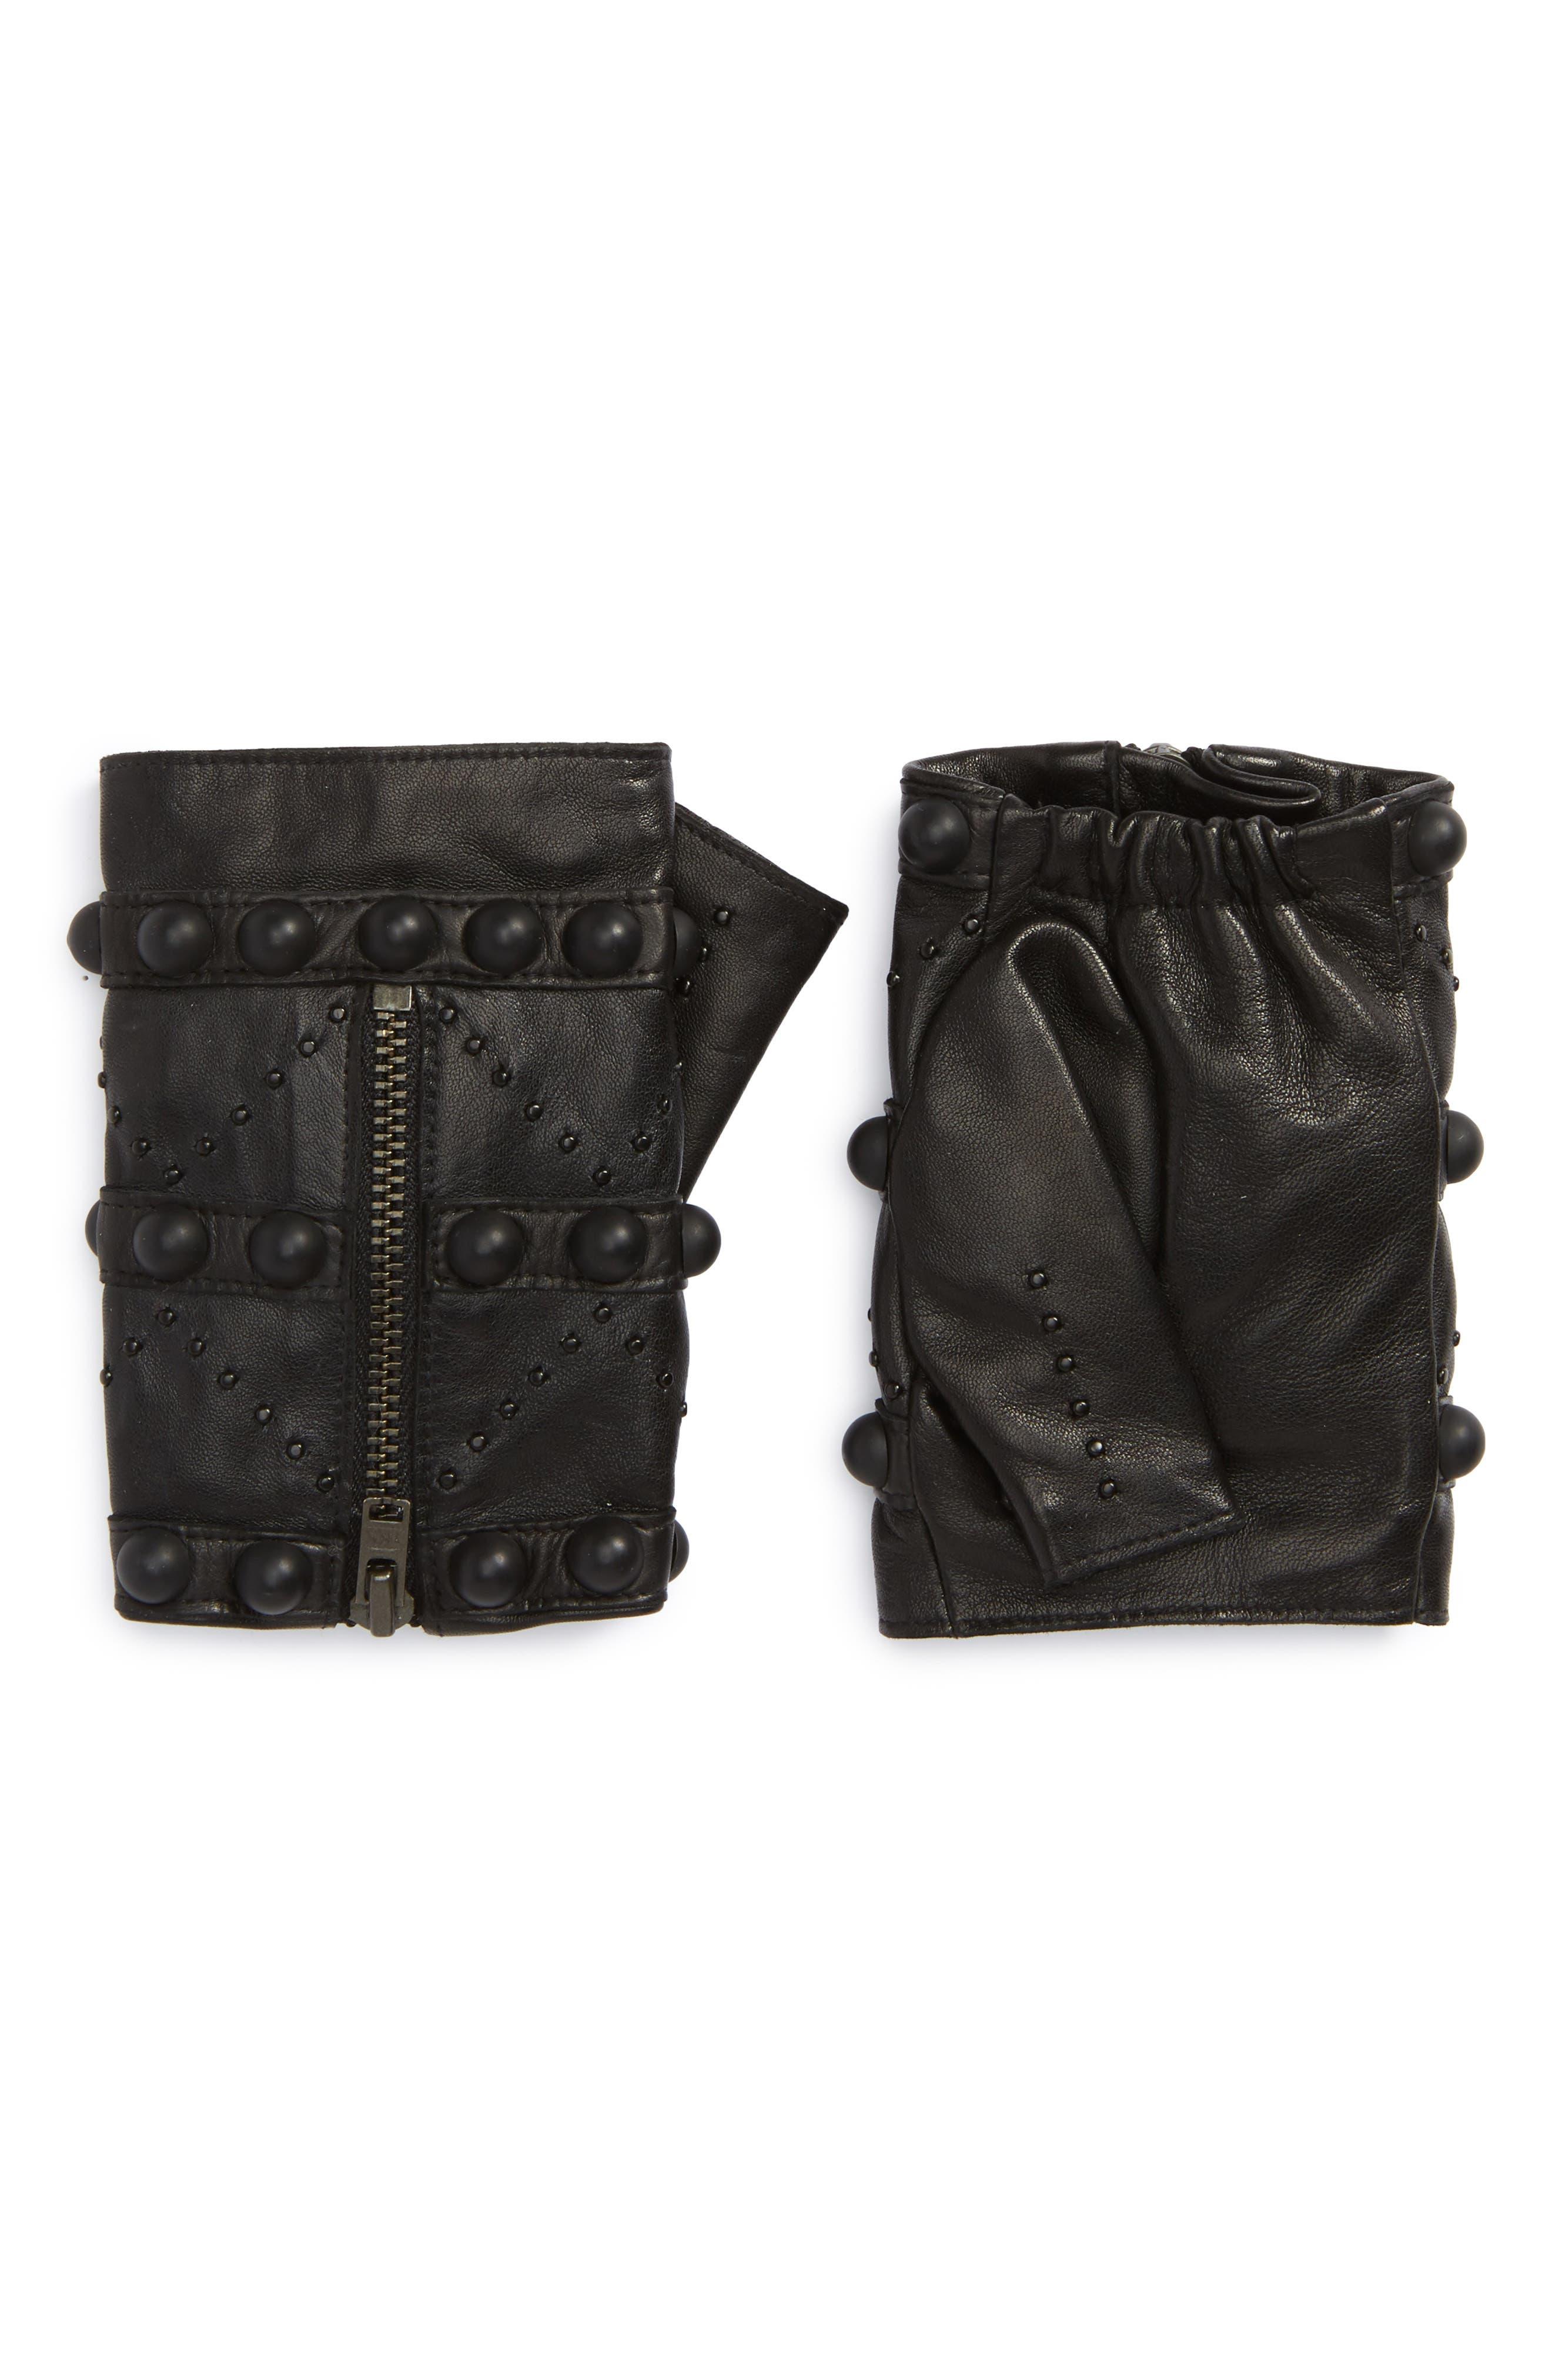 Alternate Image 1 Selected - Agnelle Lambskin Leather Fingerless Gloves